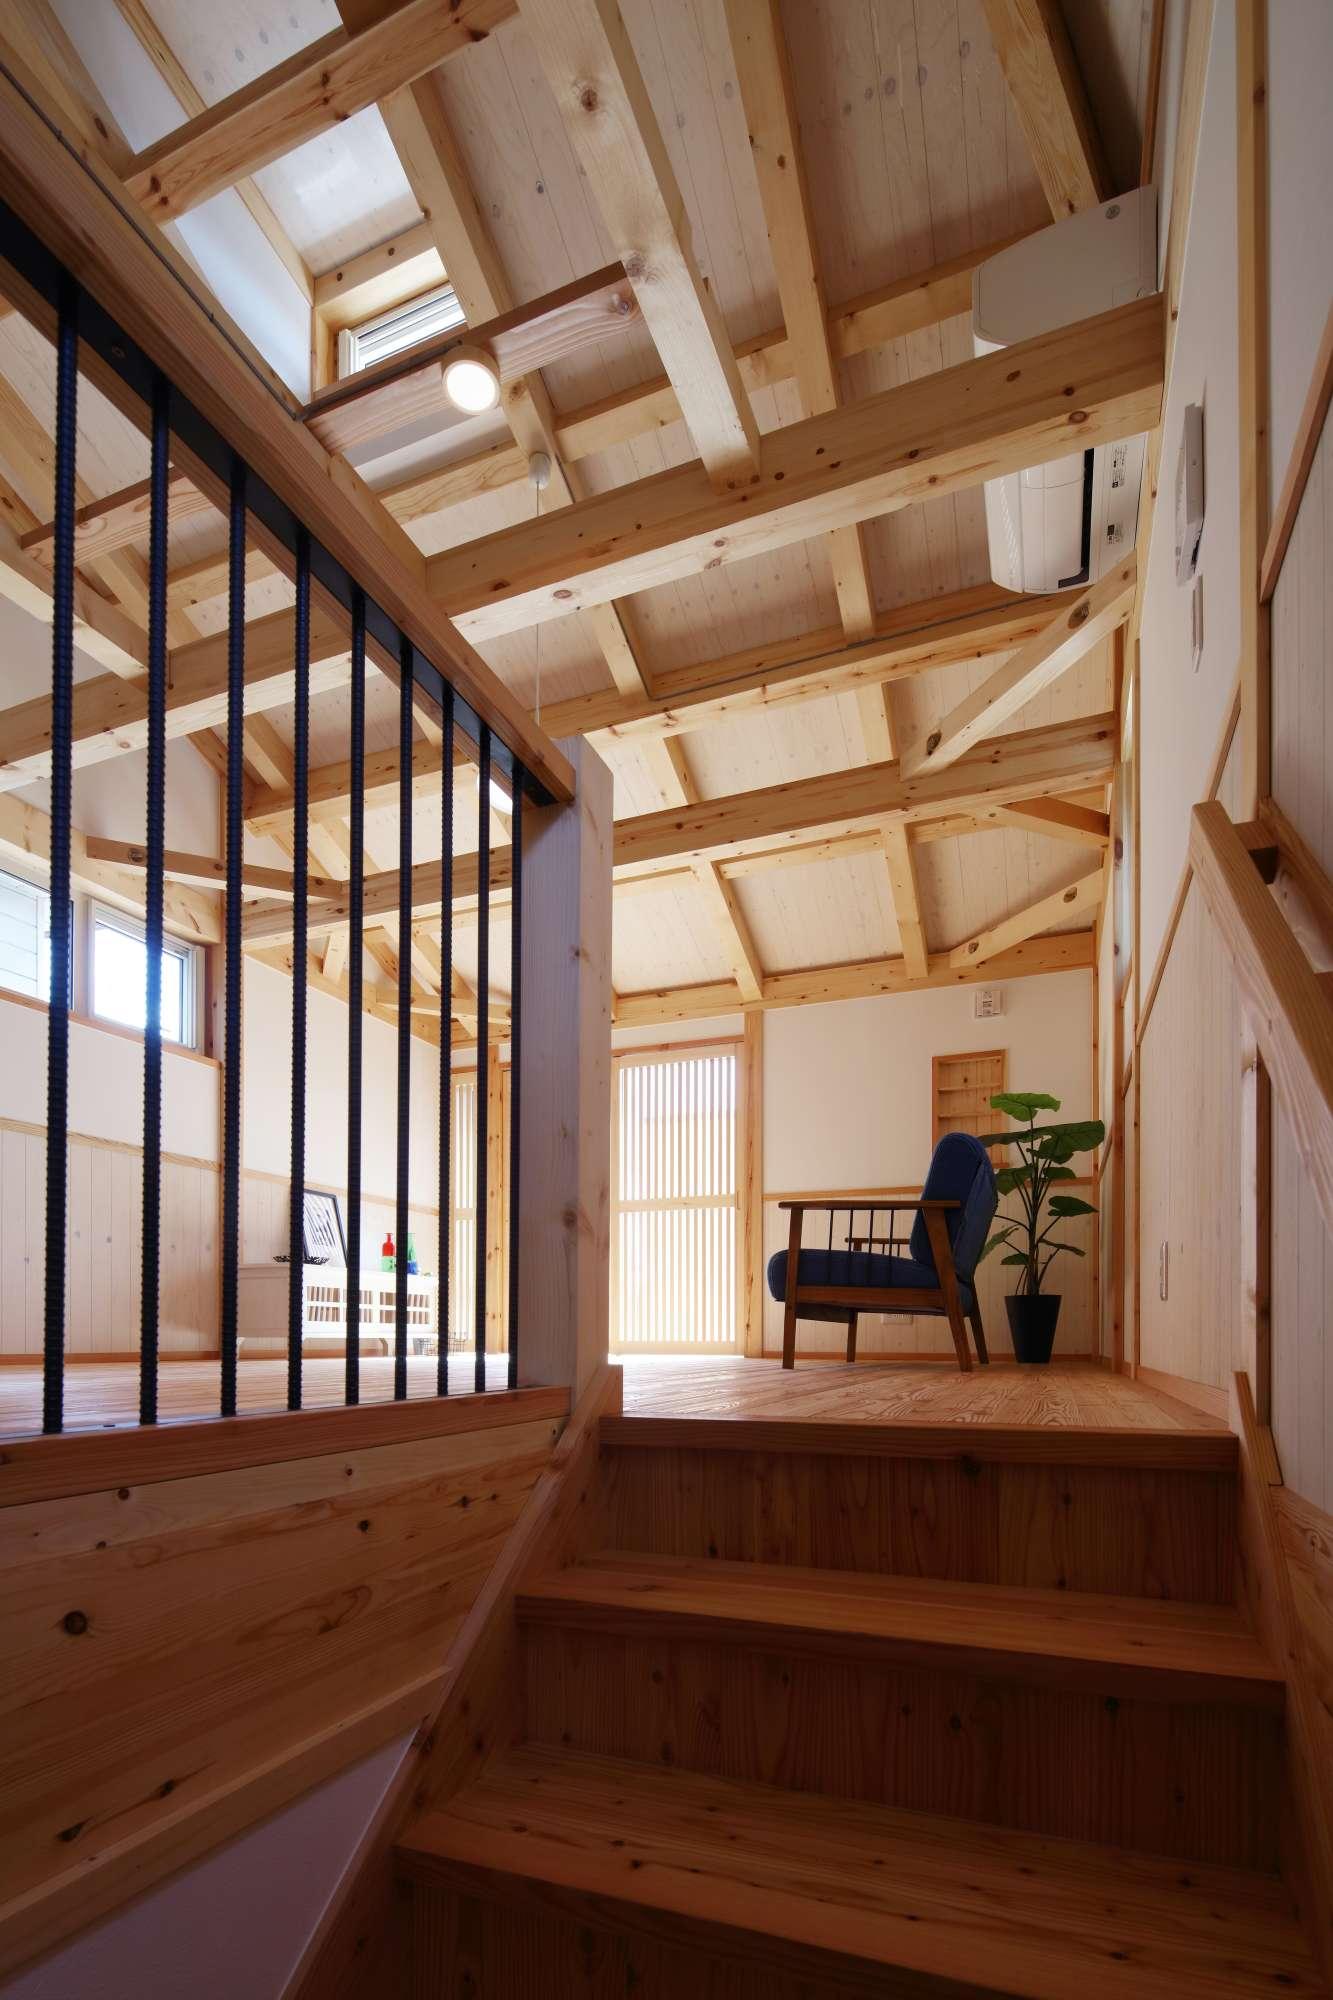 階段を上ると広がる開放的な空間 -  -  -